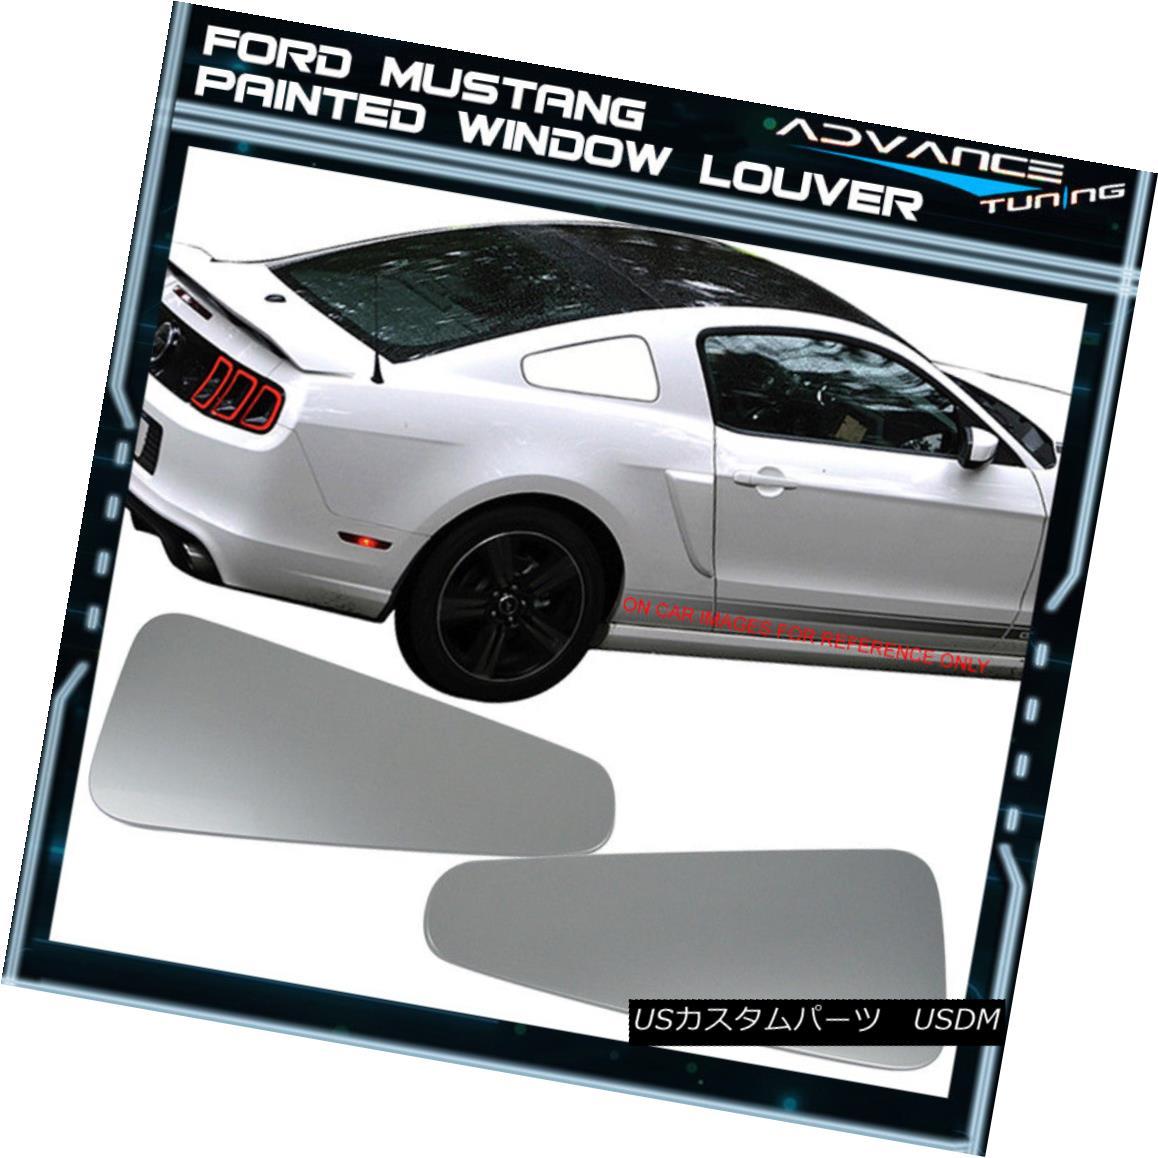 エアロパーツ 10-14 Mustang Quarter Window Louver Covers OEM Painted UX Ingot Silver Metallic 10-14 Mustang QuarterウィンドウルーバーはOEM塗装UX Ingot Silver Metallicをカバー